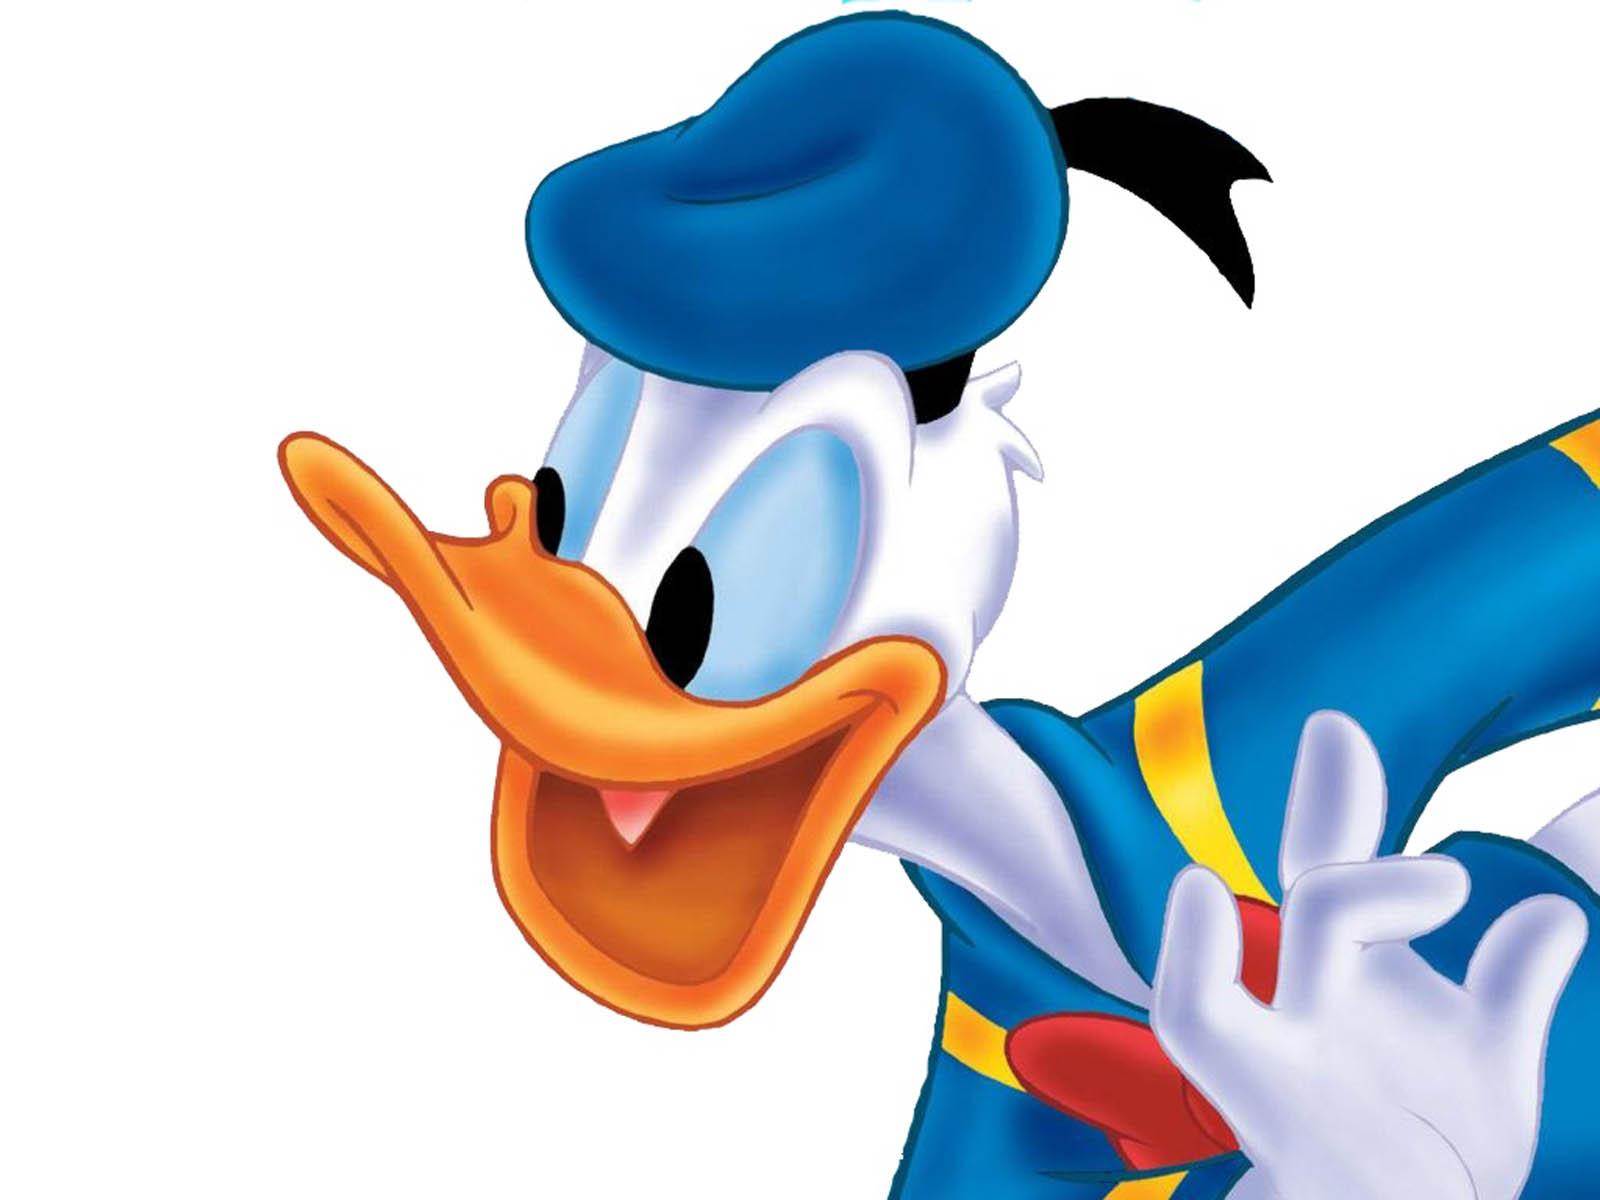 http://4.bp.blogspot.com/-k46_dpUKgO0/T_T8f2sOfSI/AAAAAAAAE_0/JHancnVF1ac/s1600/Donald+Duck+Wallpapers+3.jpg